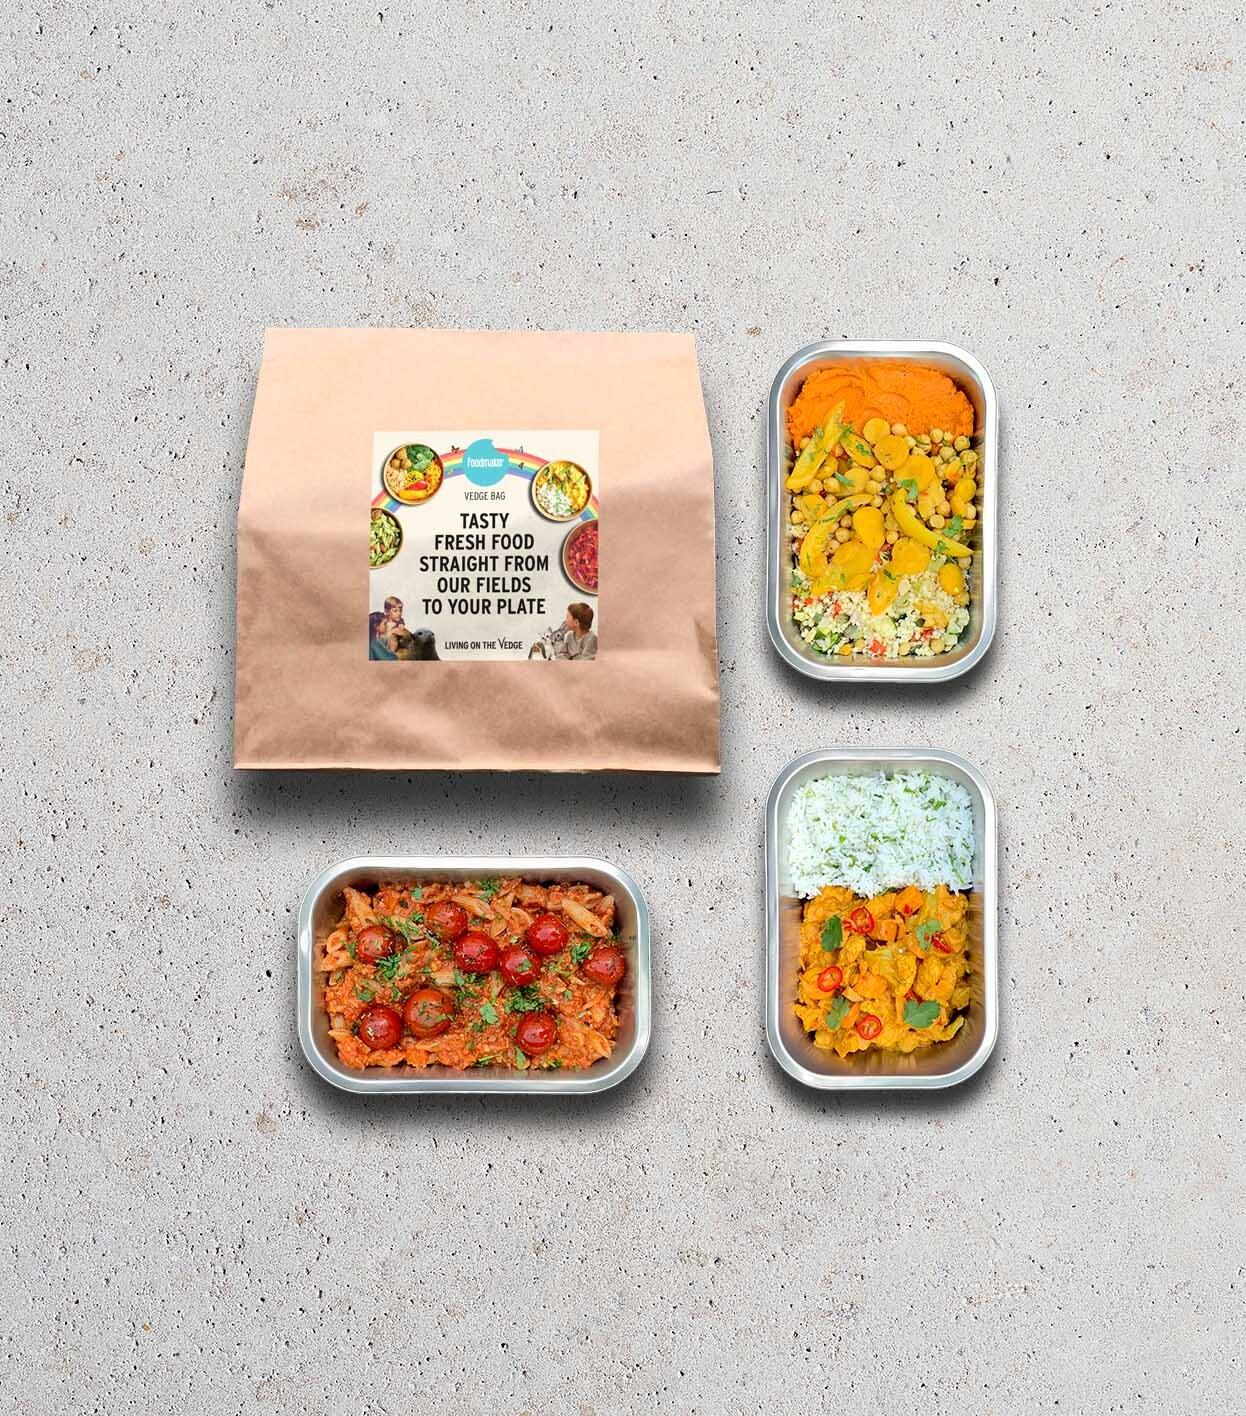 Gezonde maaltijdbox met drie vegan gerechten in meeneemverpakking